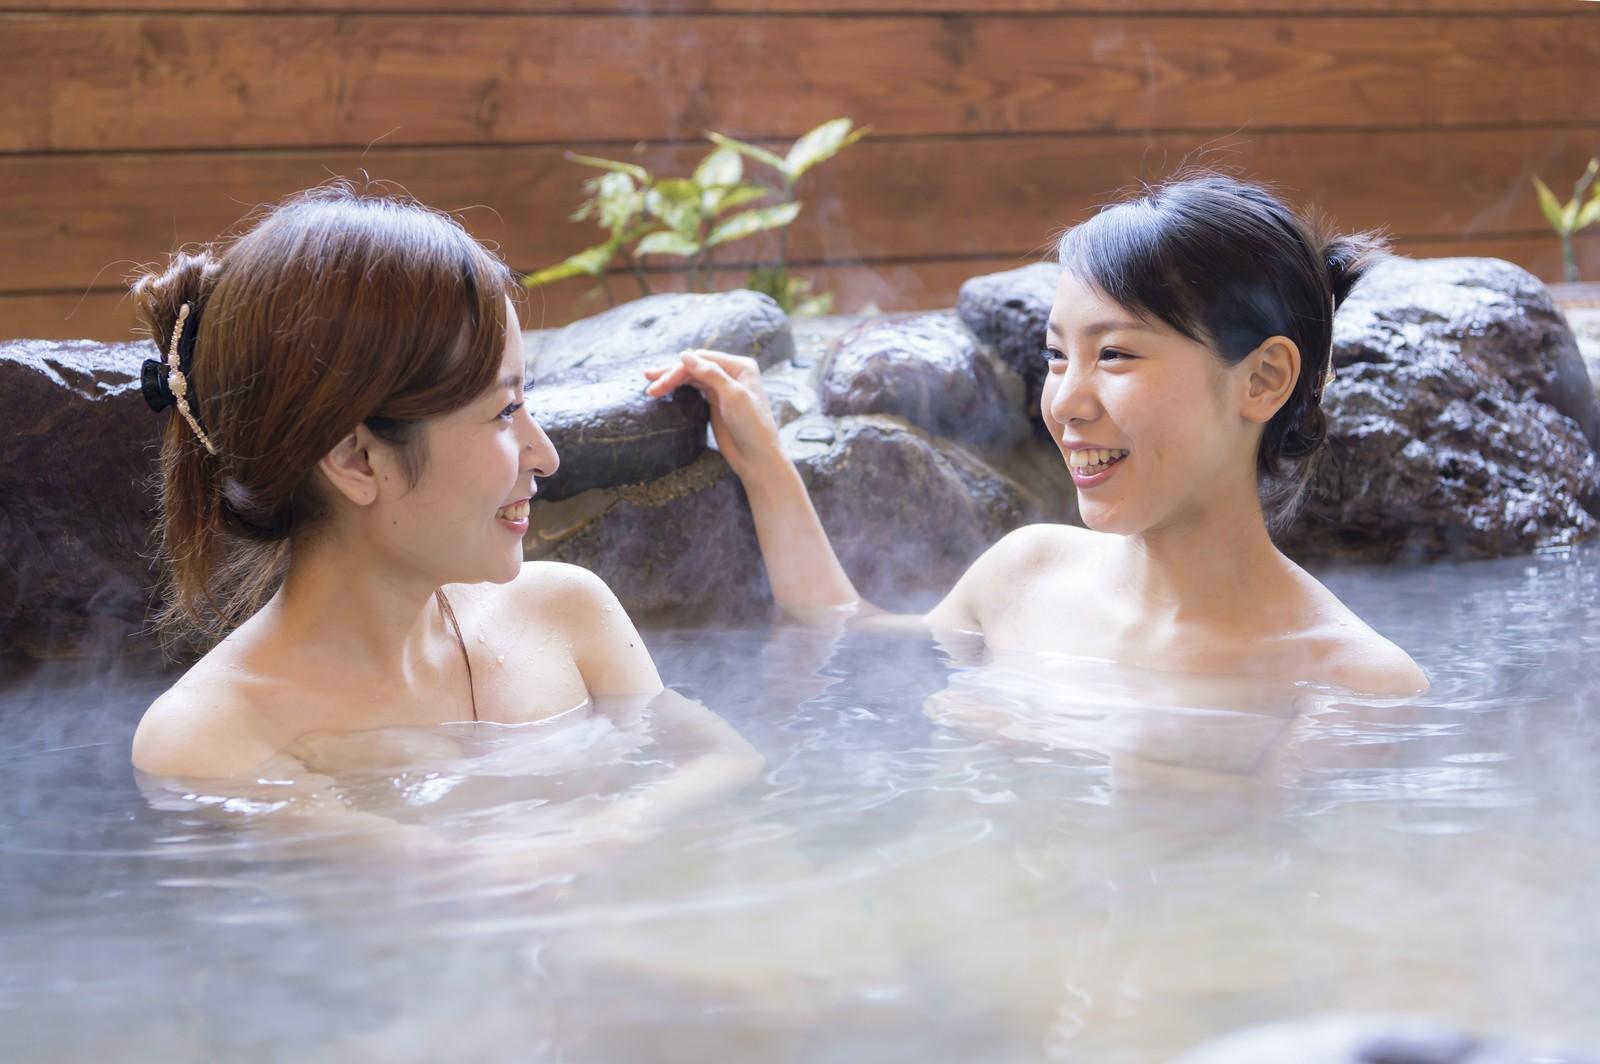 栃木で1泊2日の贅沢女子旅!実際泊まった旅館・おすすめ観光スポットを大紹介します【前編】